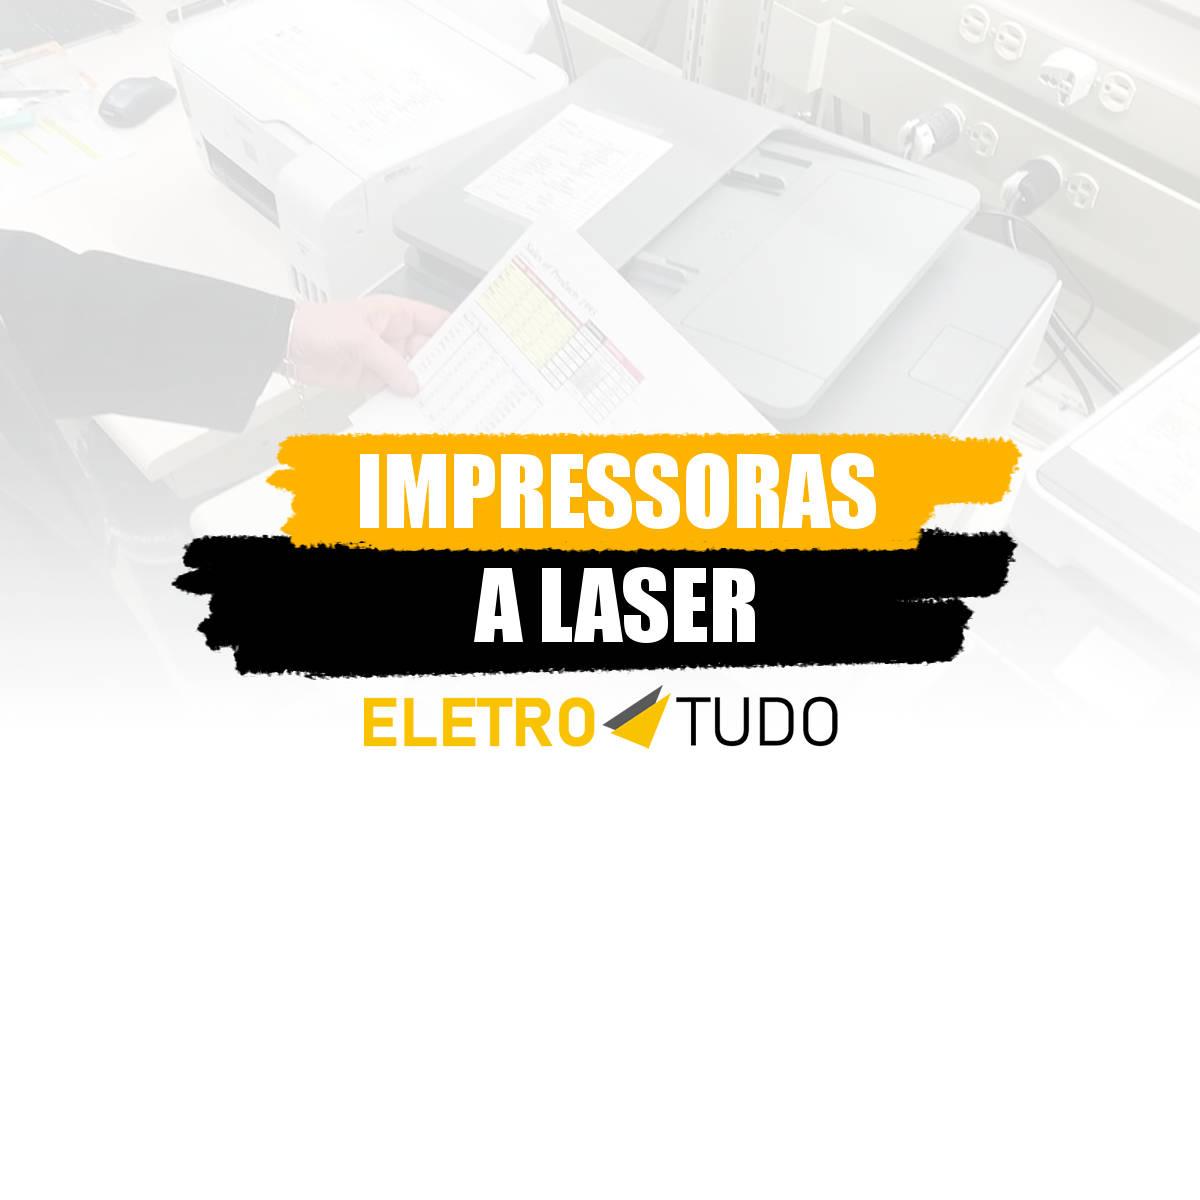 impressoras a laser com melhor custo benefício